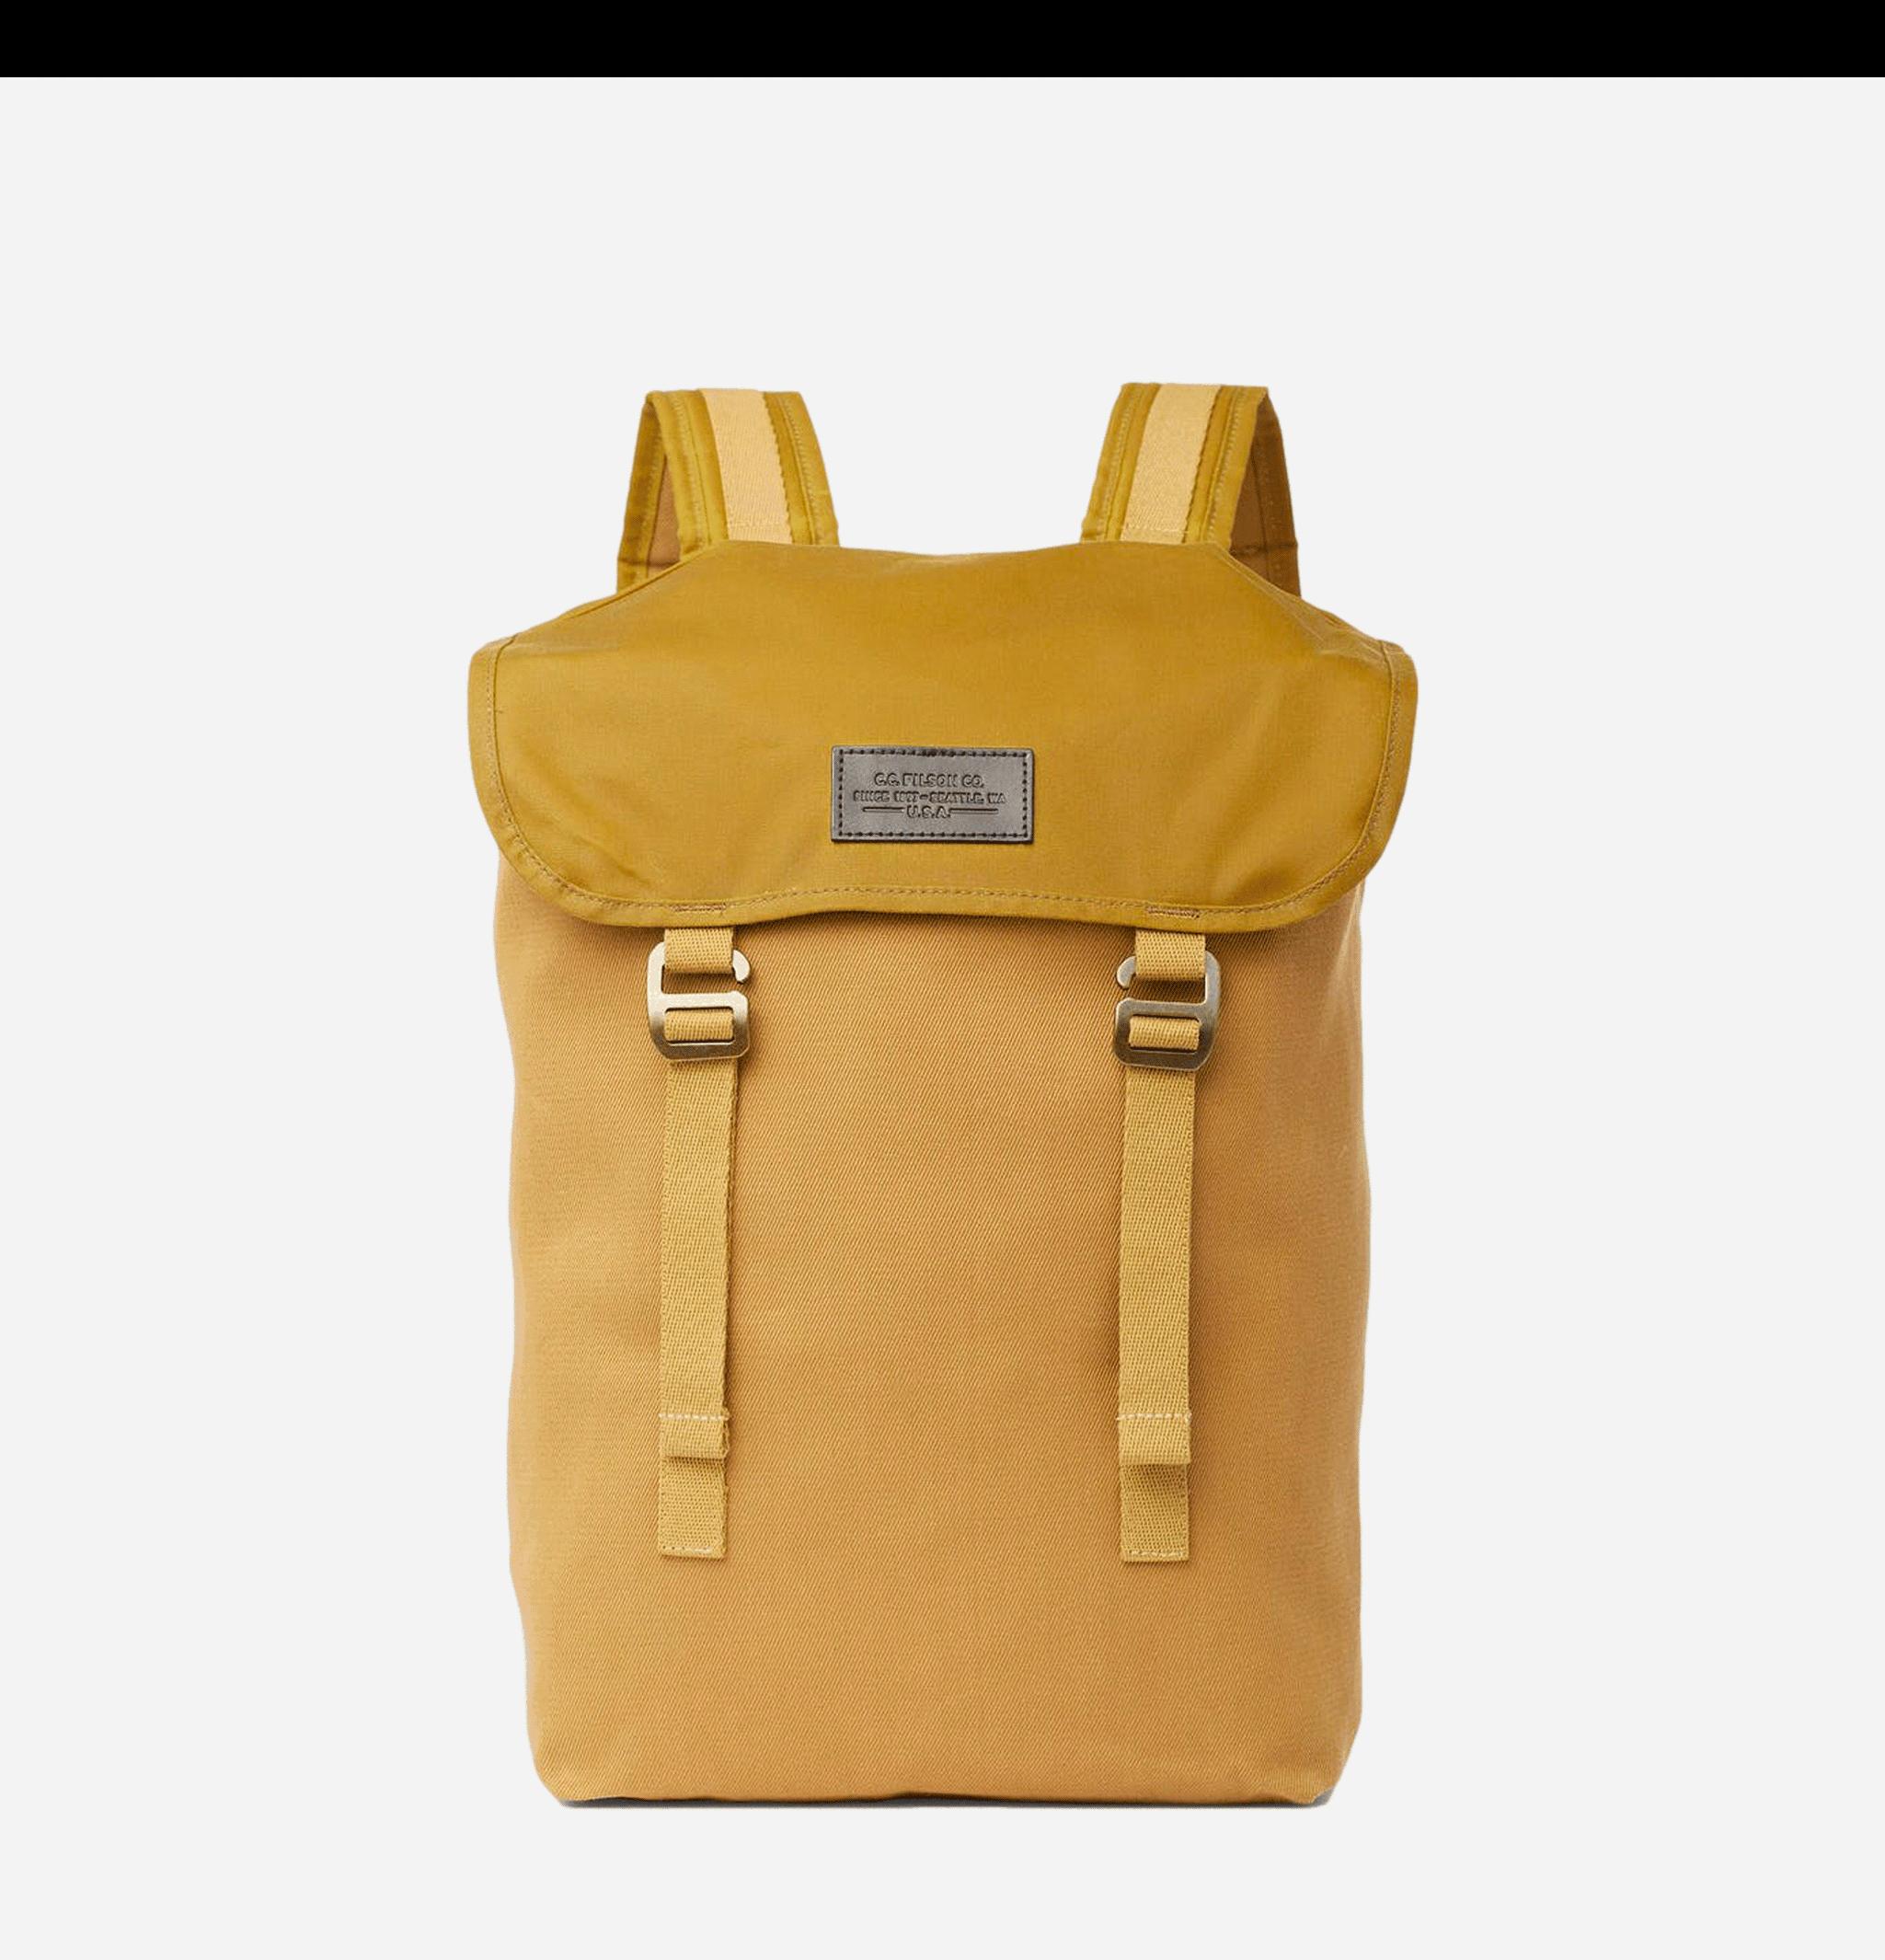 70381 - Ranger Backpack Tan